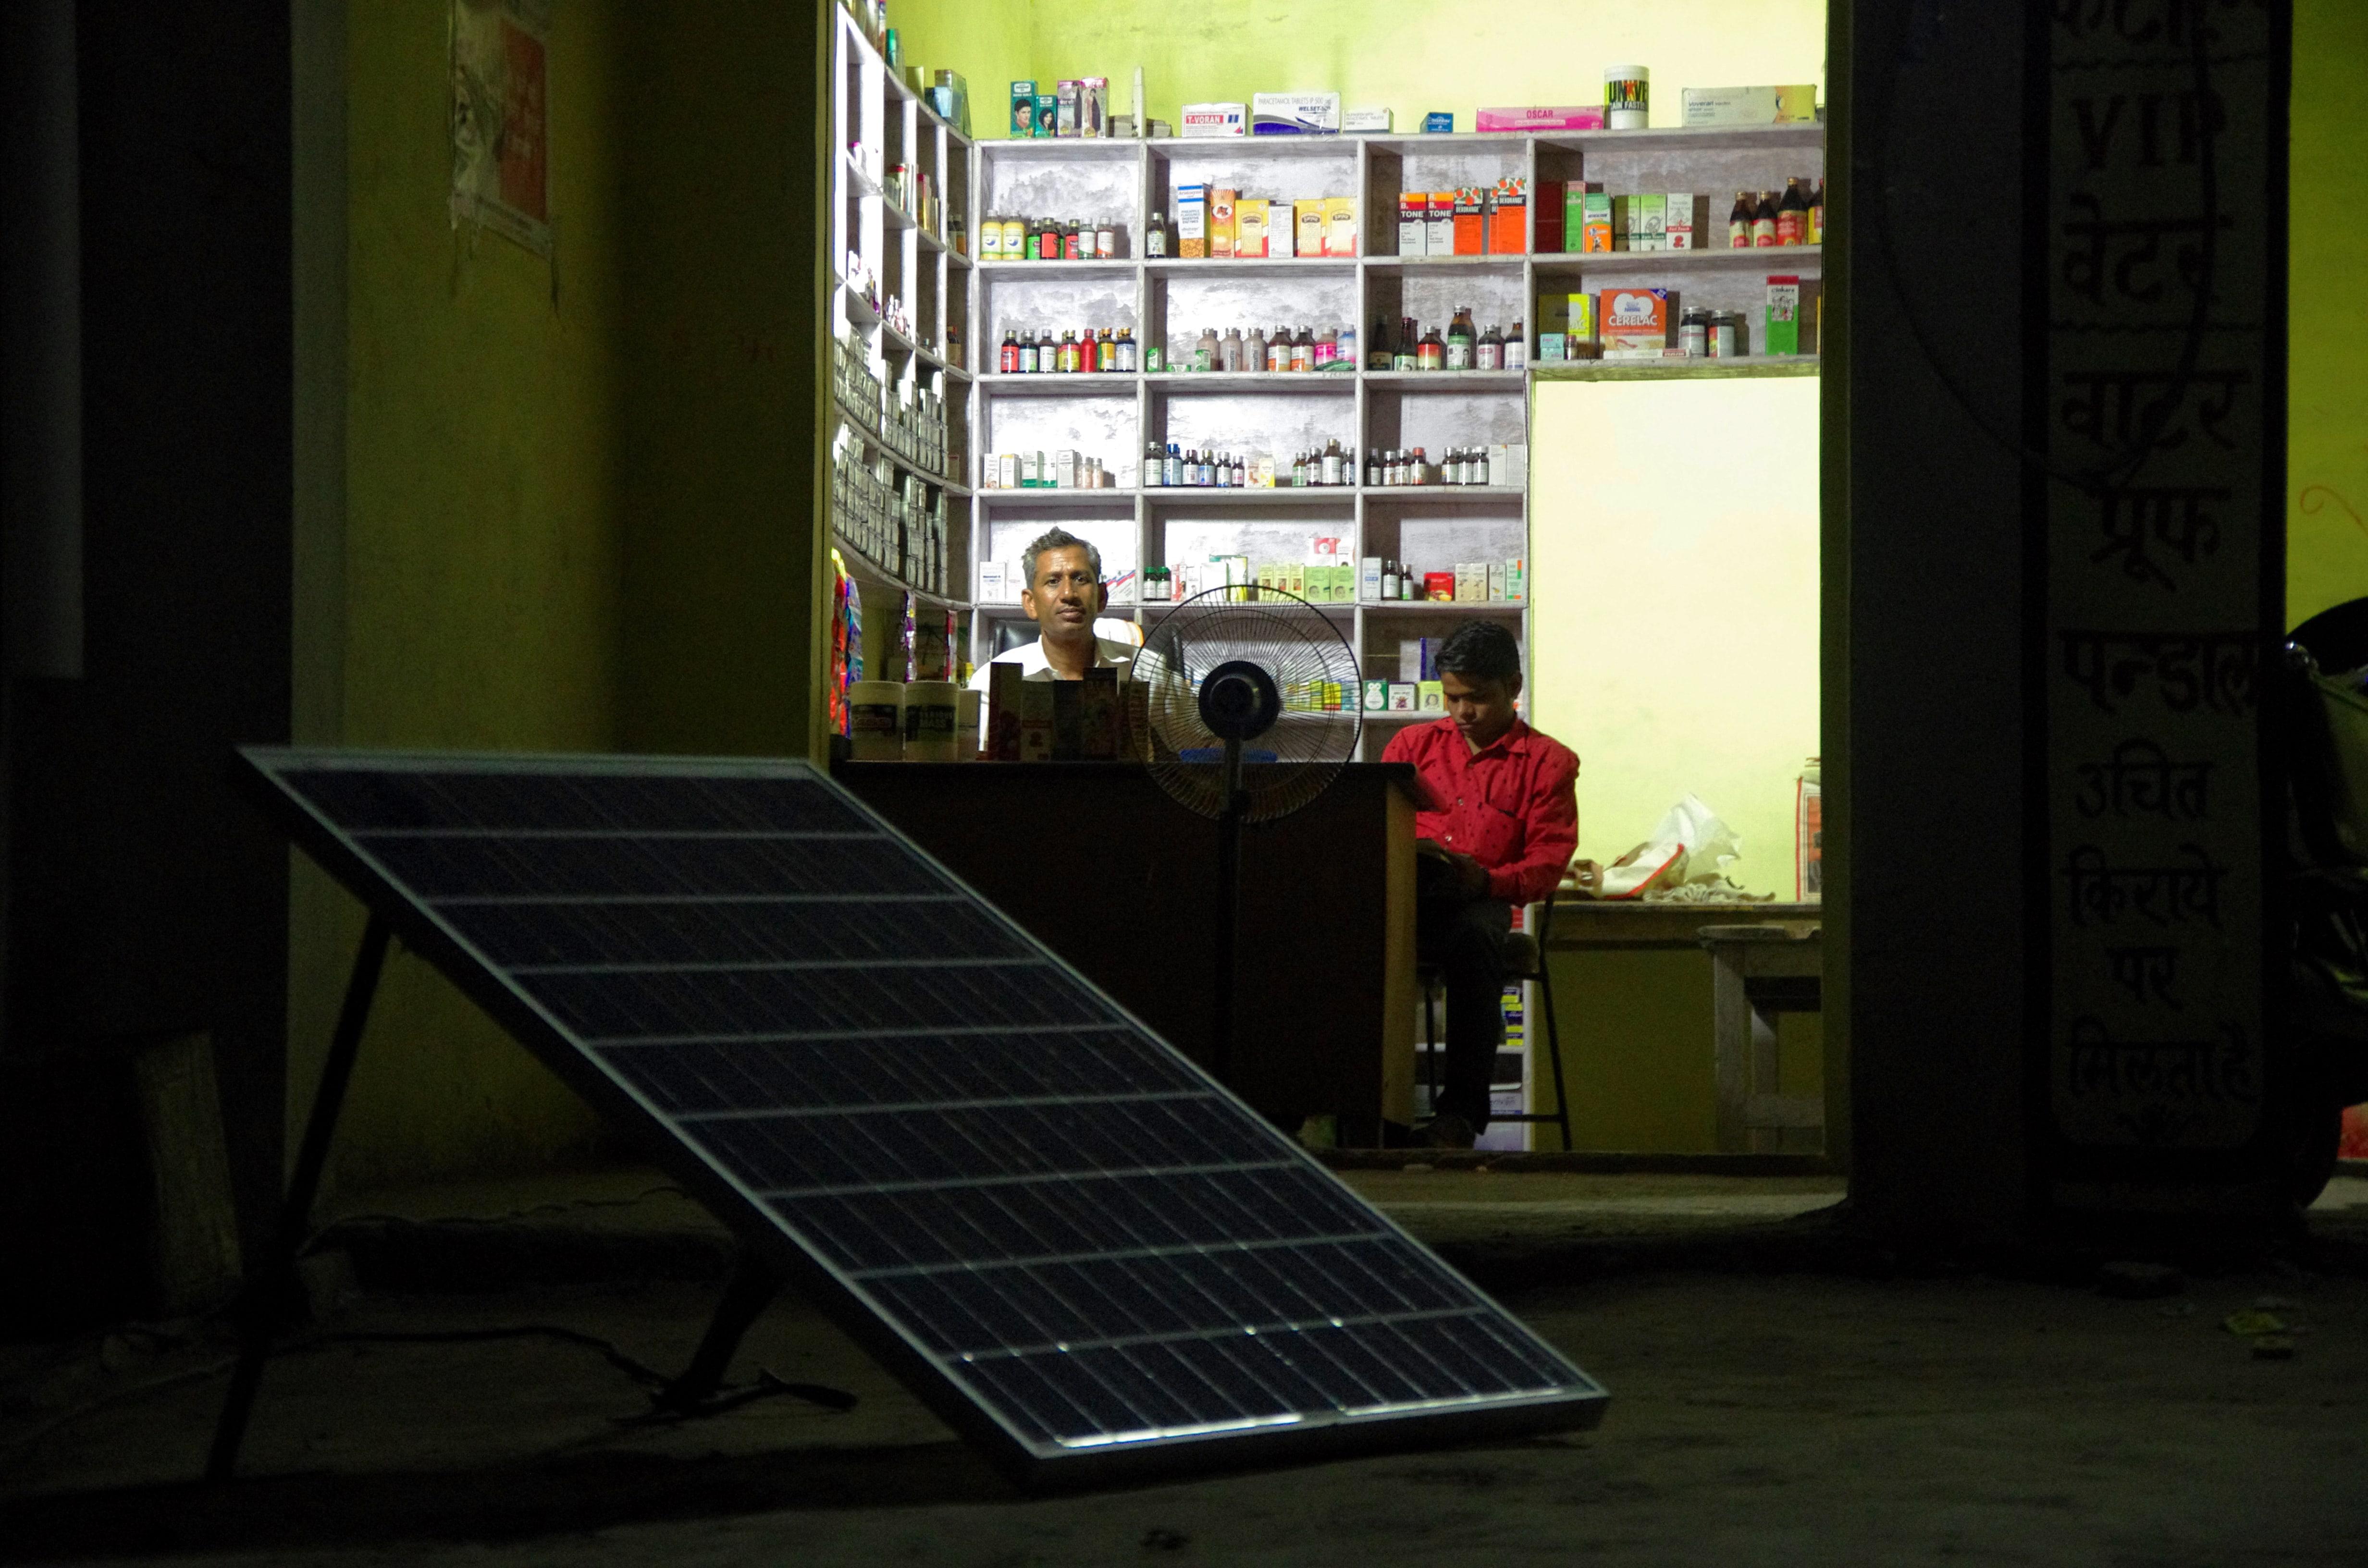 Rural chemist open after dark through Simpa solar home system